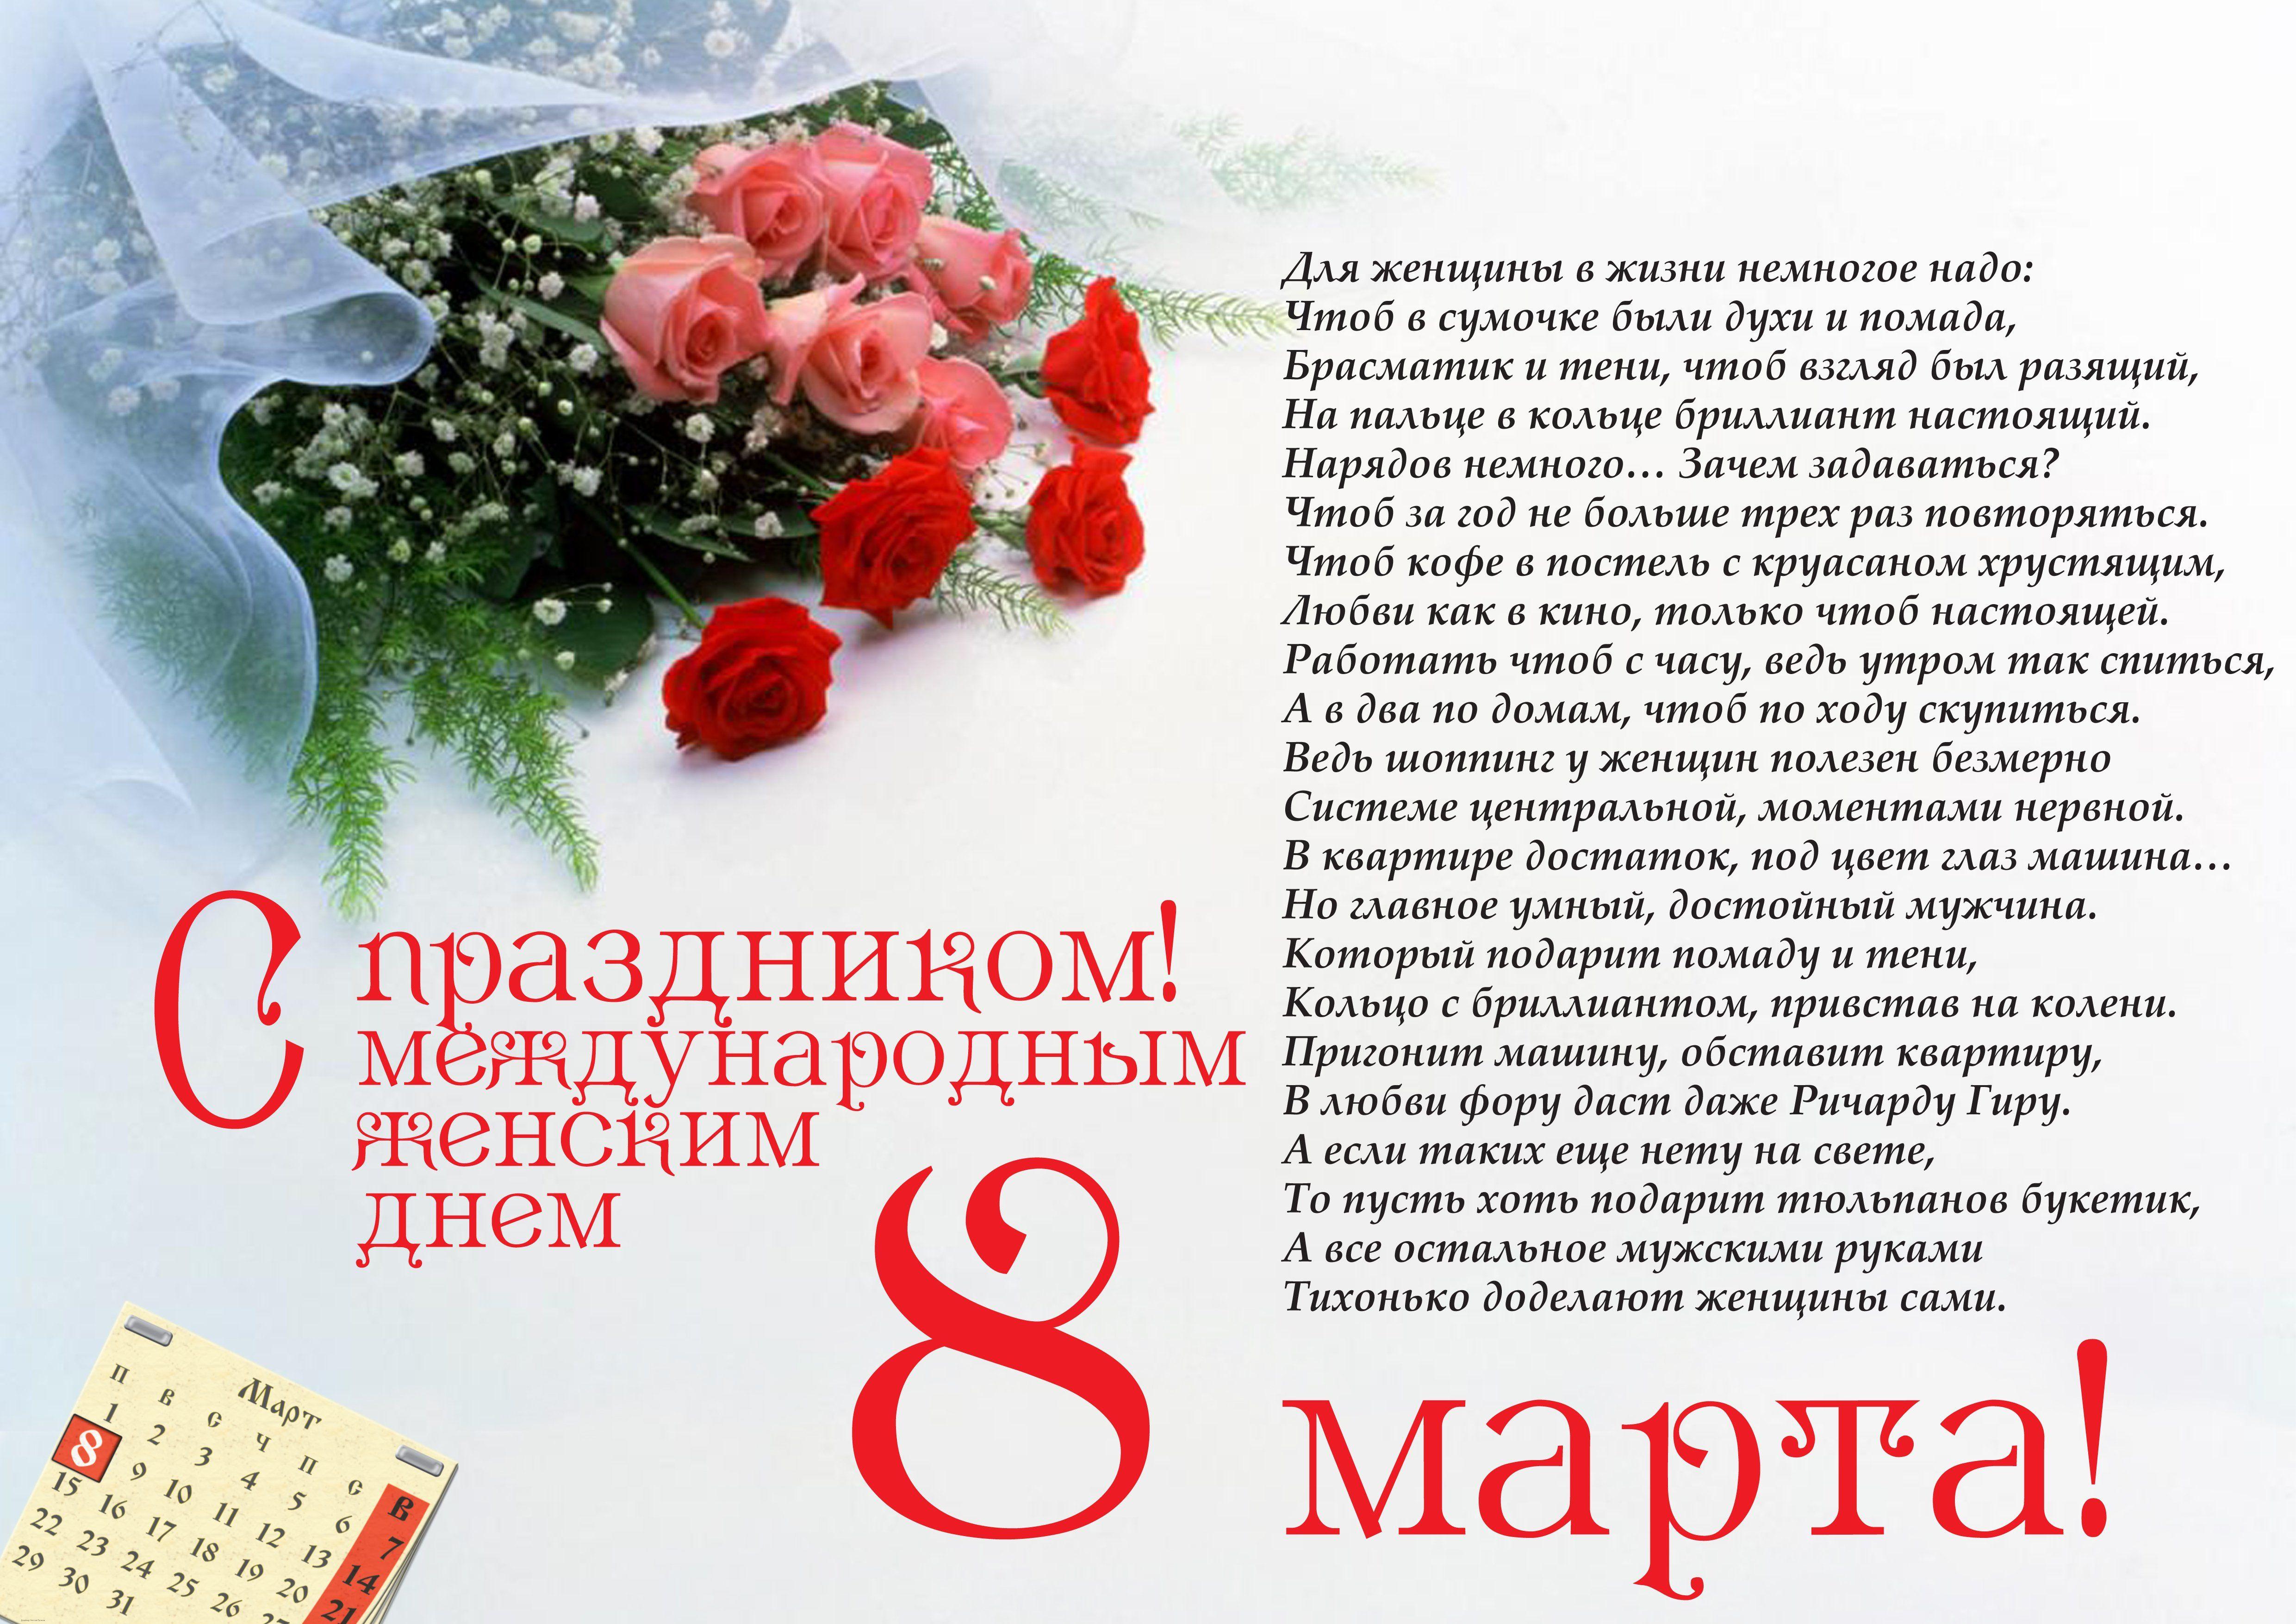 Поздравление к дню 8-марта 52